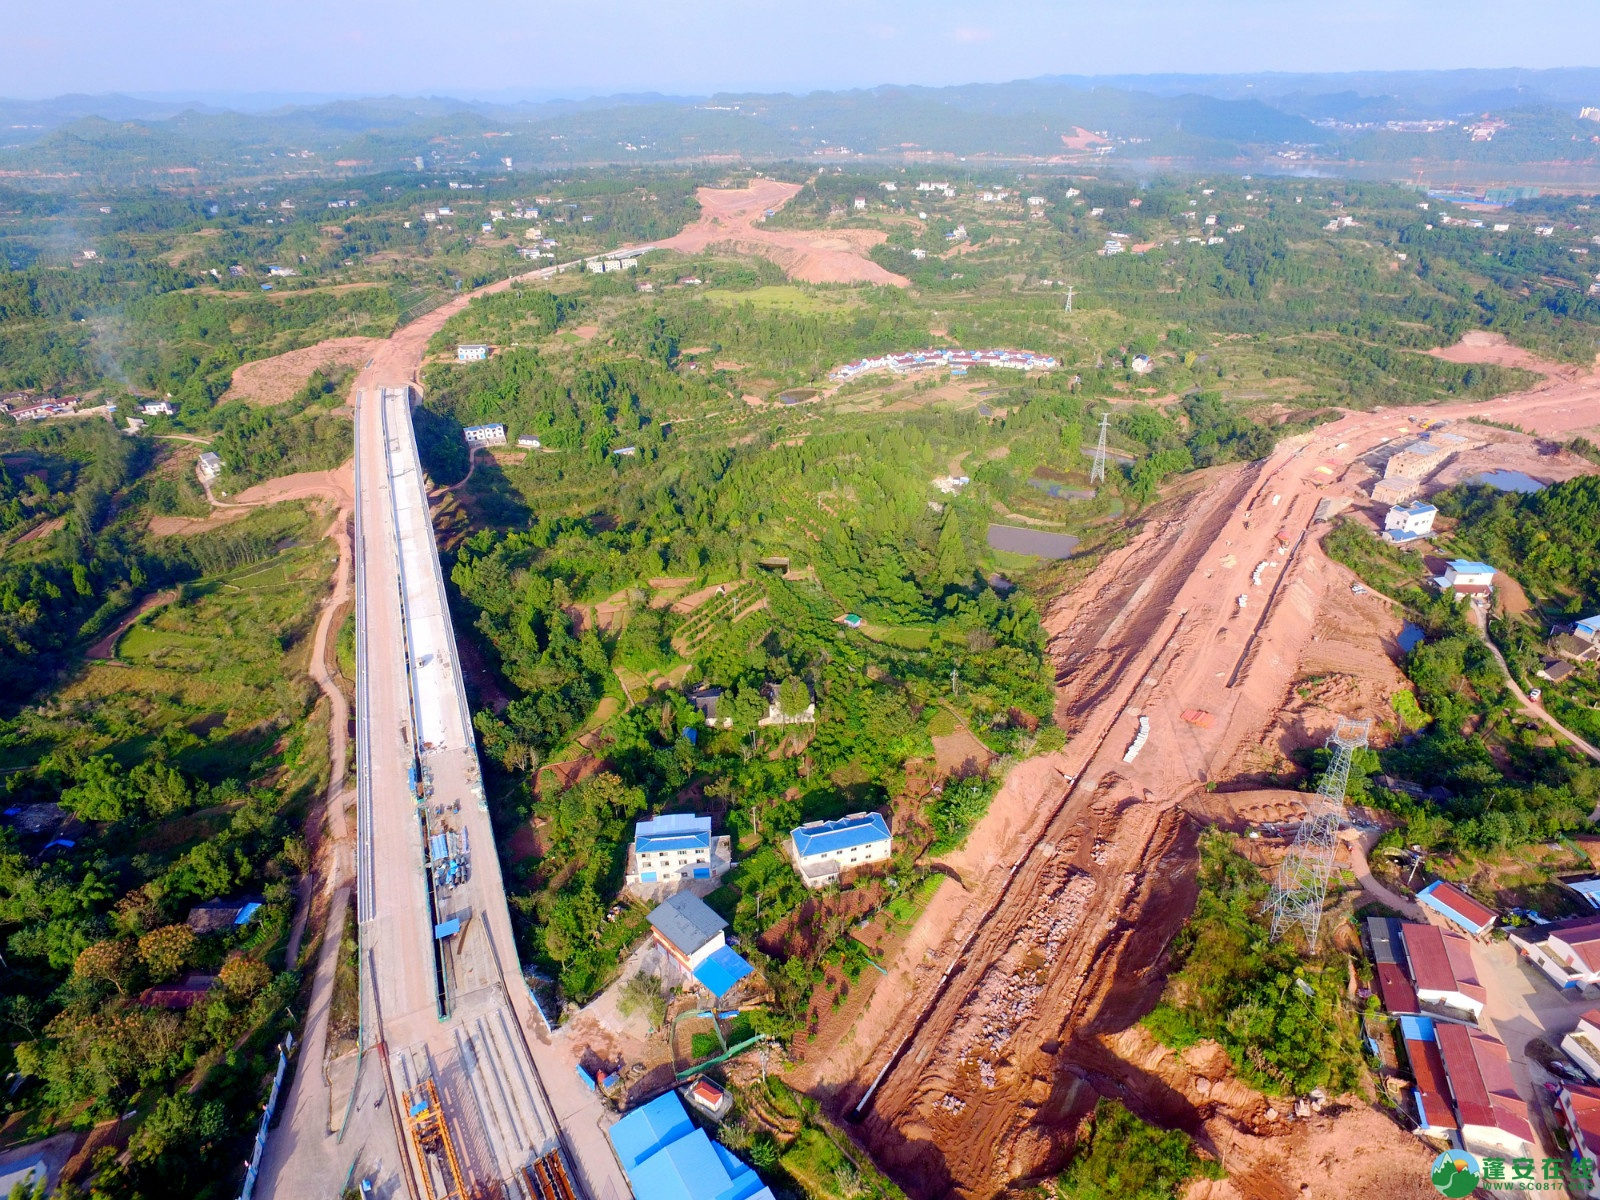 蓬安绕城北路锦屏段、凤凰大桥西延线最新进展!(2019.11.1) - 第11张  | 蓬安在线